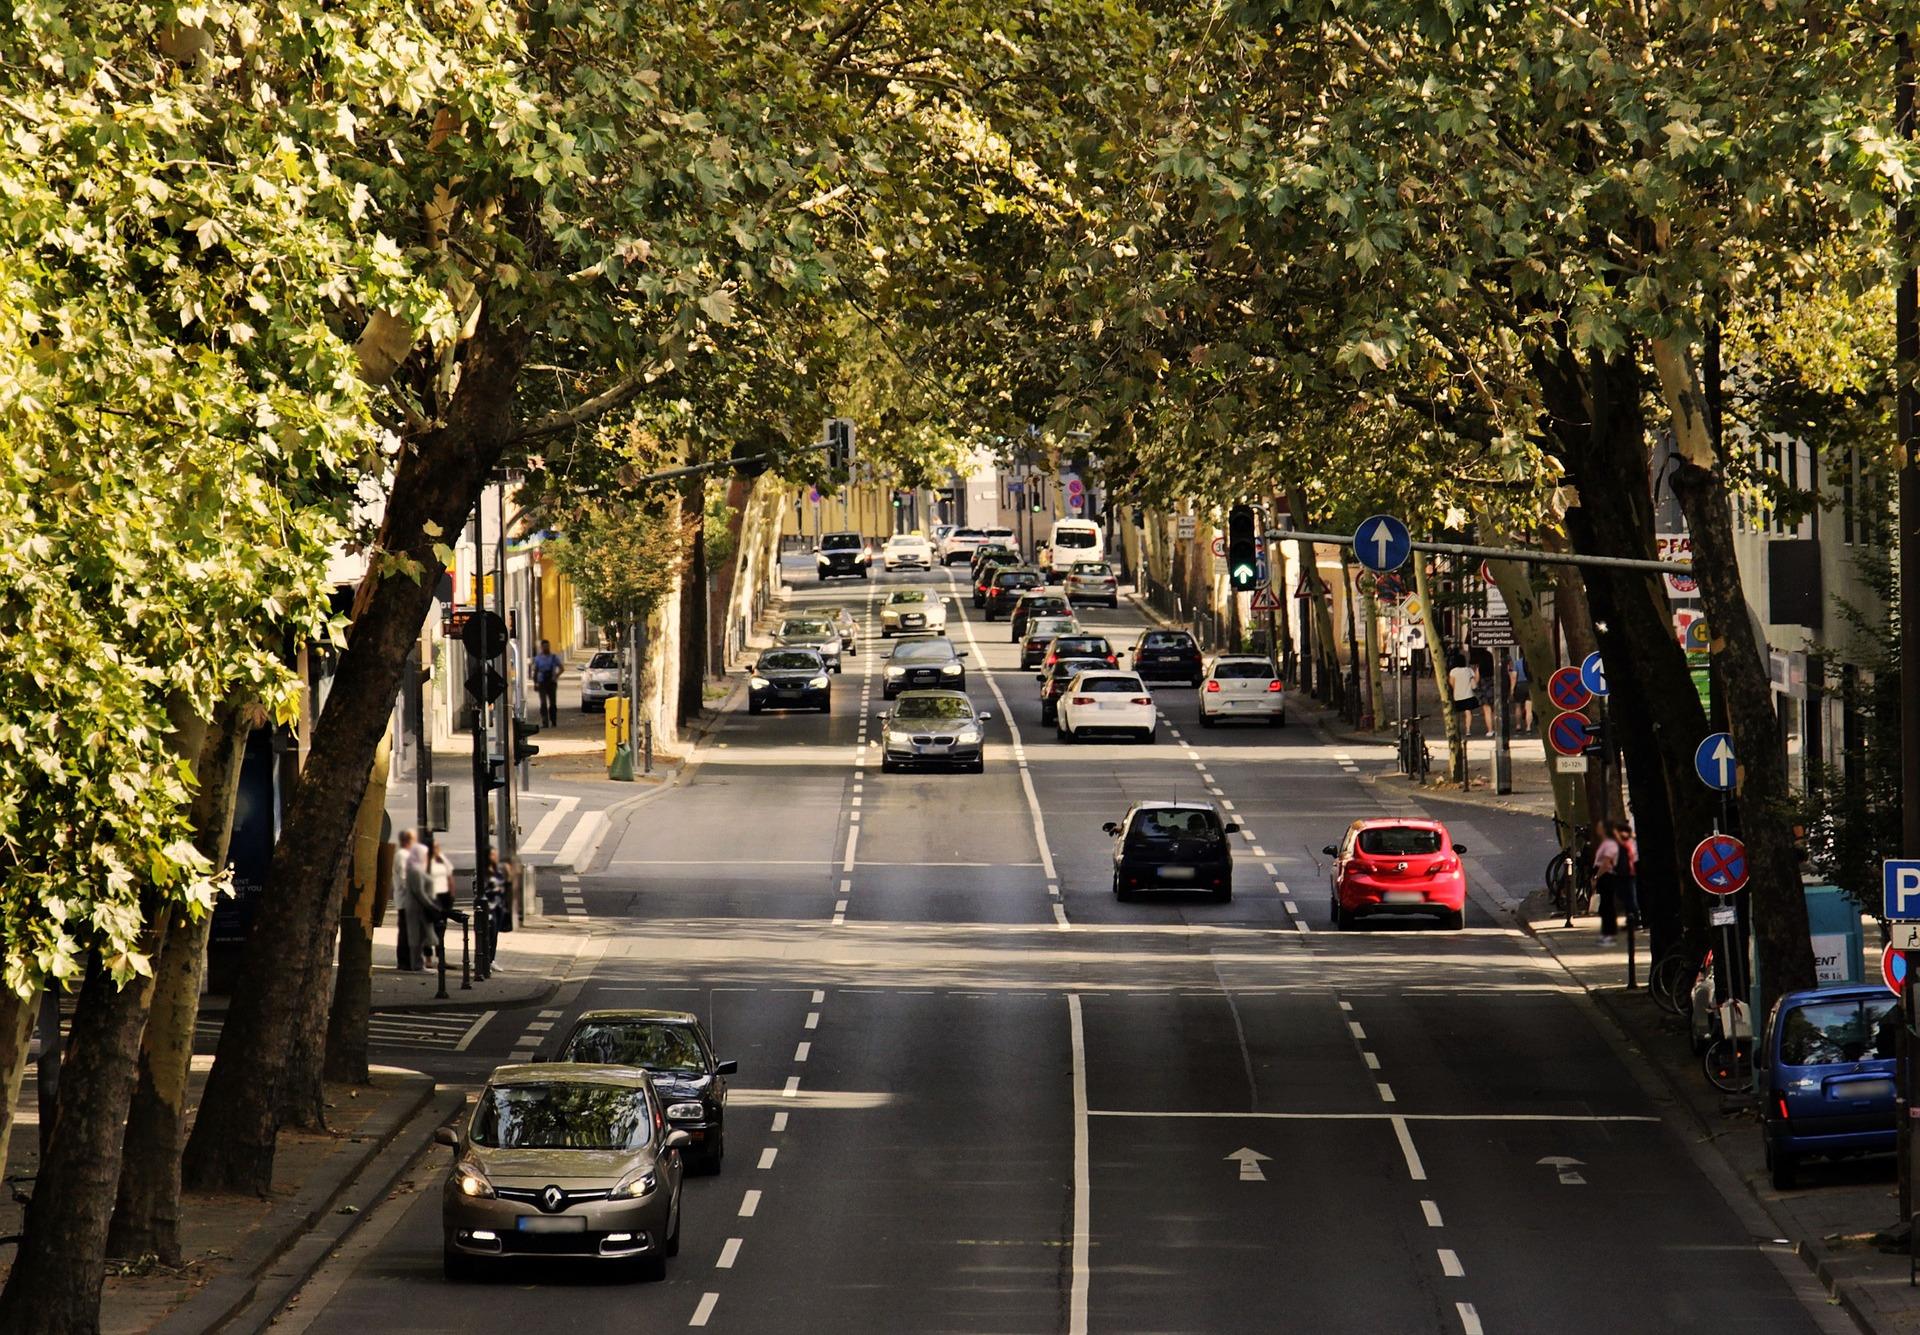 FACUA Madrid logra que un juez anule una multa a un socio por usar supuestamente el móvil mientras conducía